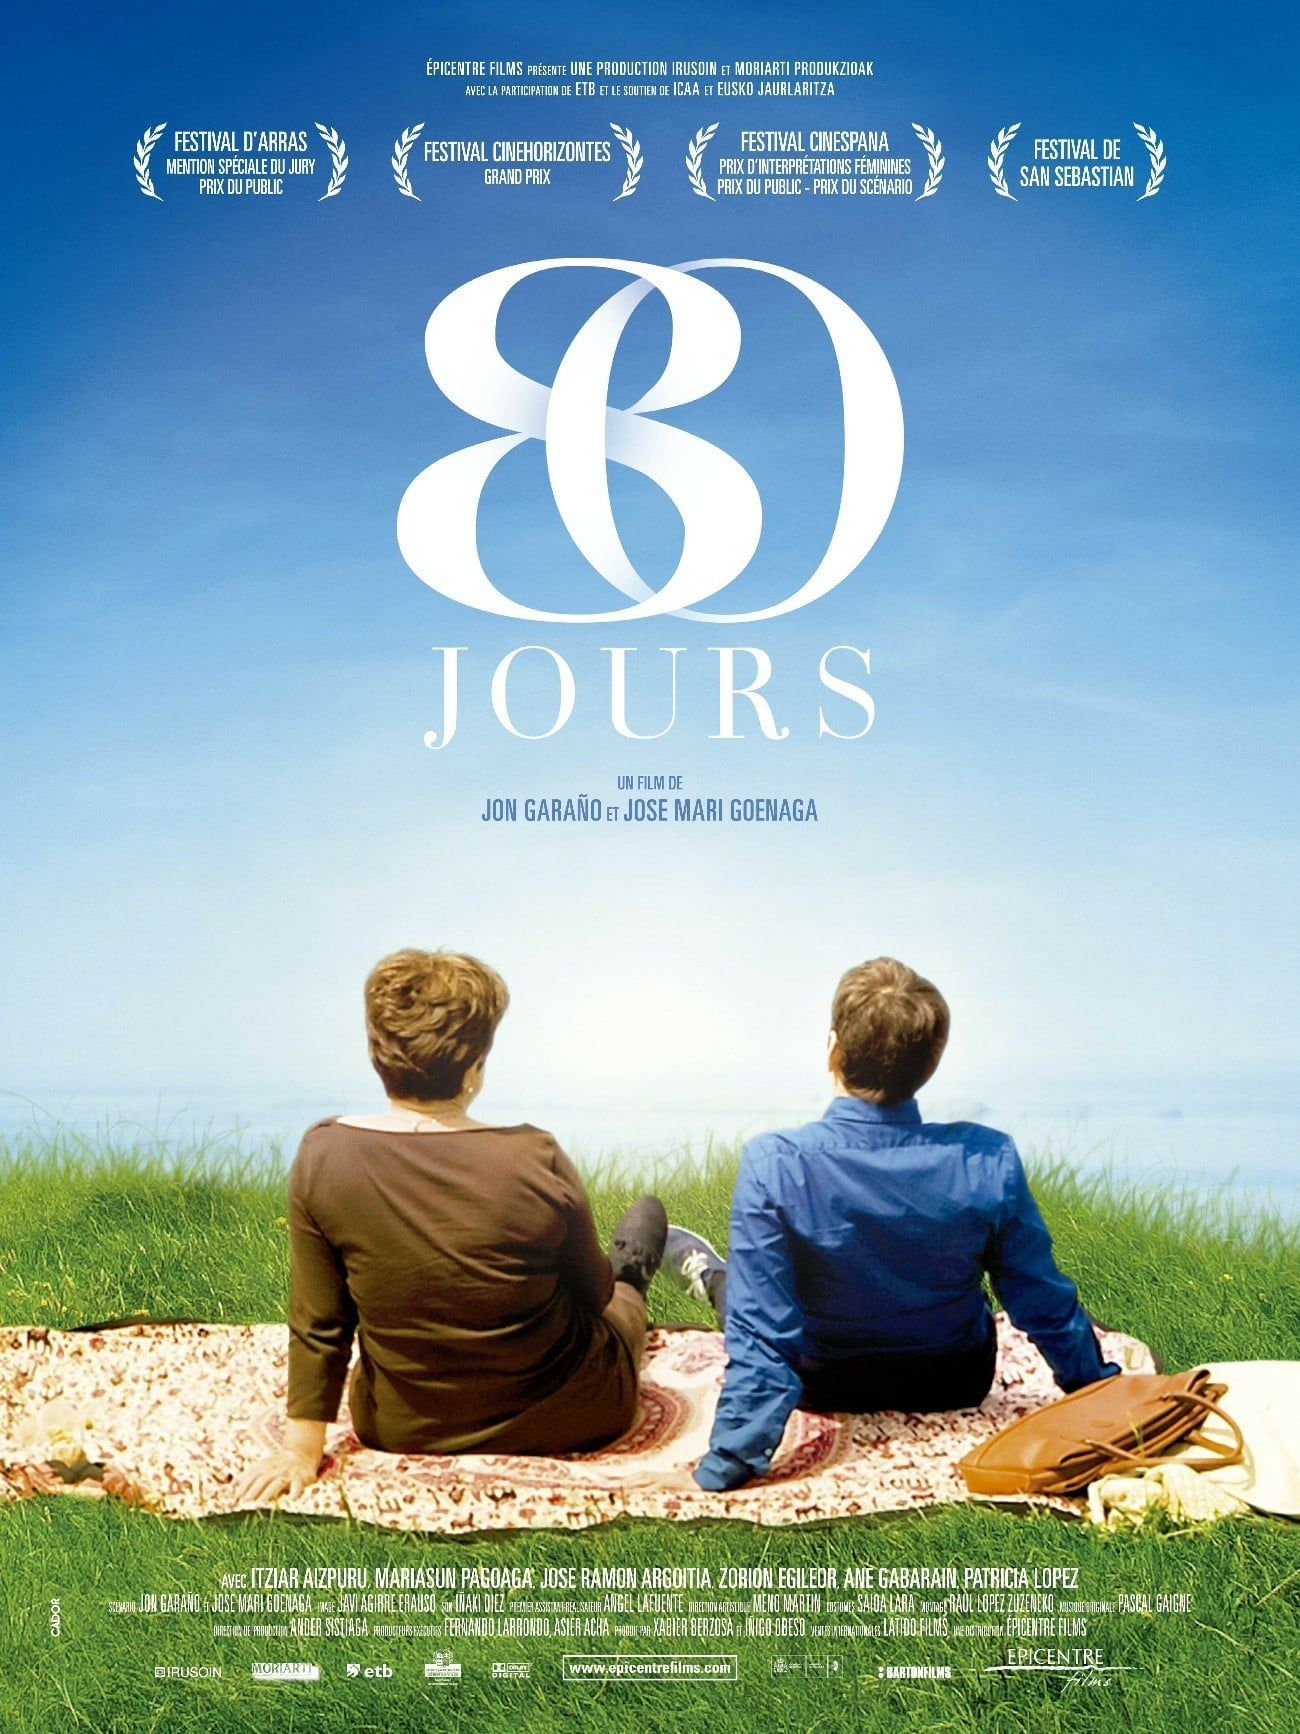 80 jours - Film (2012)